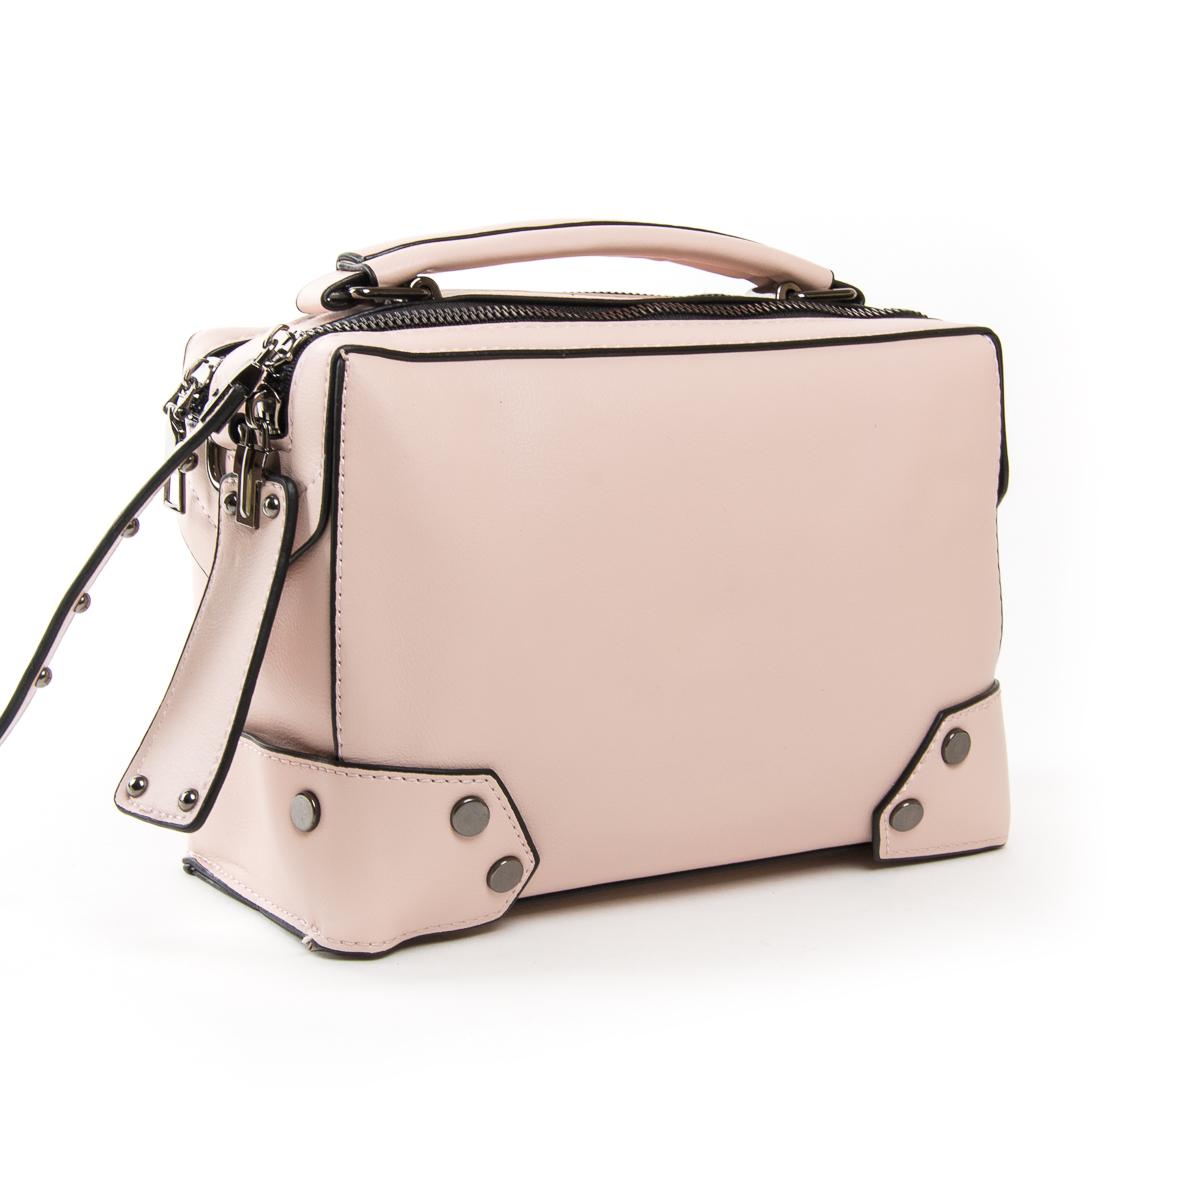 Сумка Женская Классическая иск-кожа FASHION 01-03 9790 pink